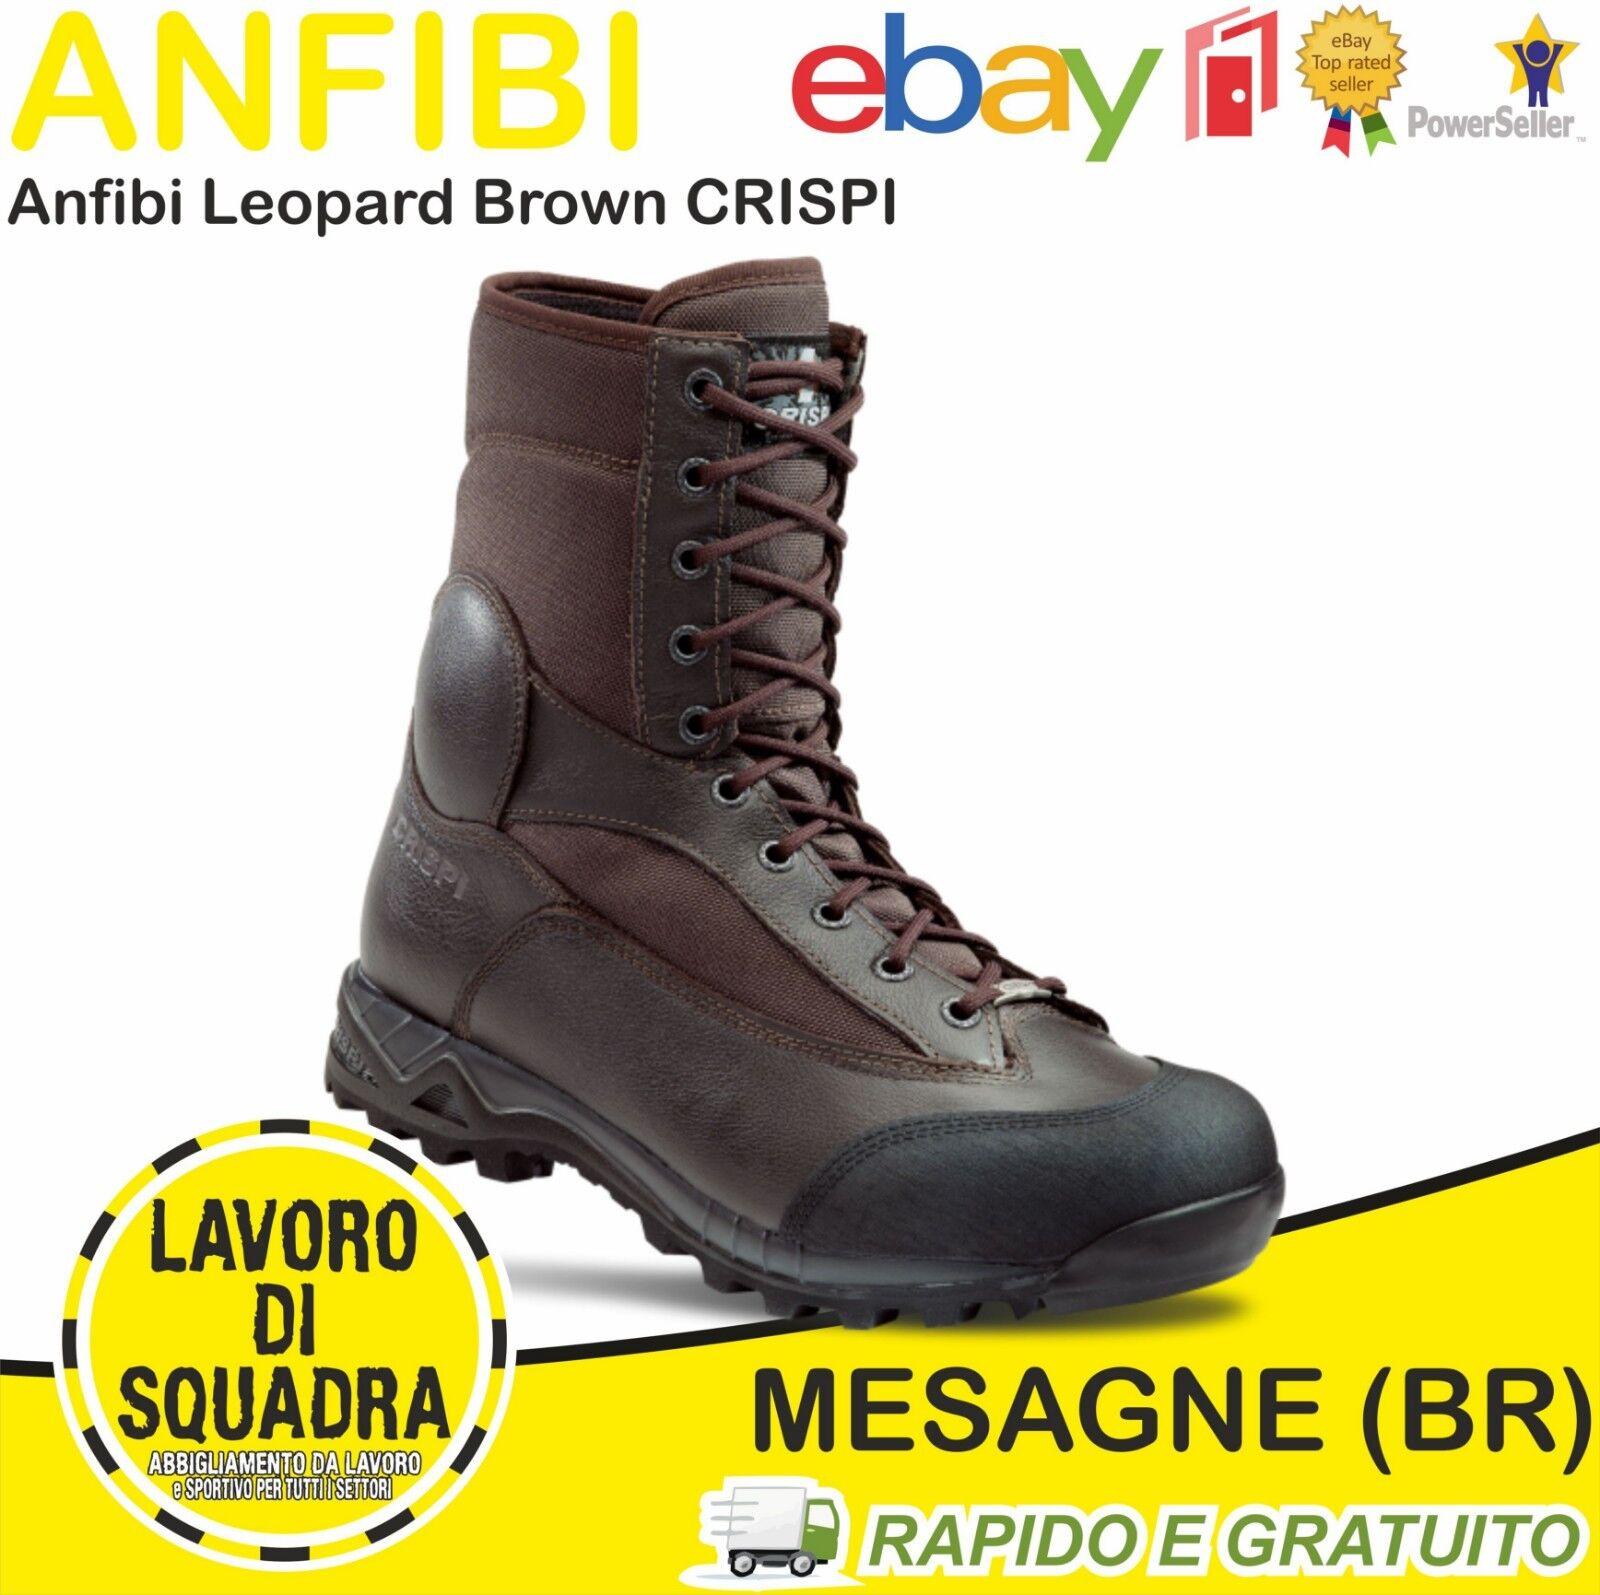 Anfibi CRISPI LEOPARD Marroni in Militari Estivi con Suola in Marroni Vibram Trekking 4a6581